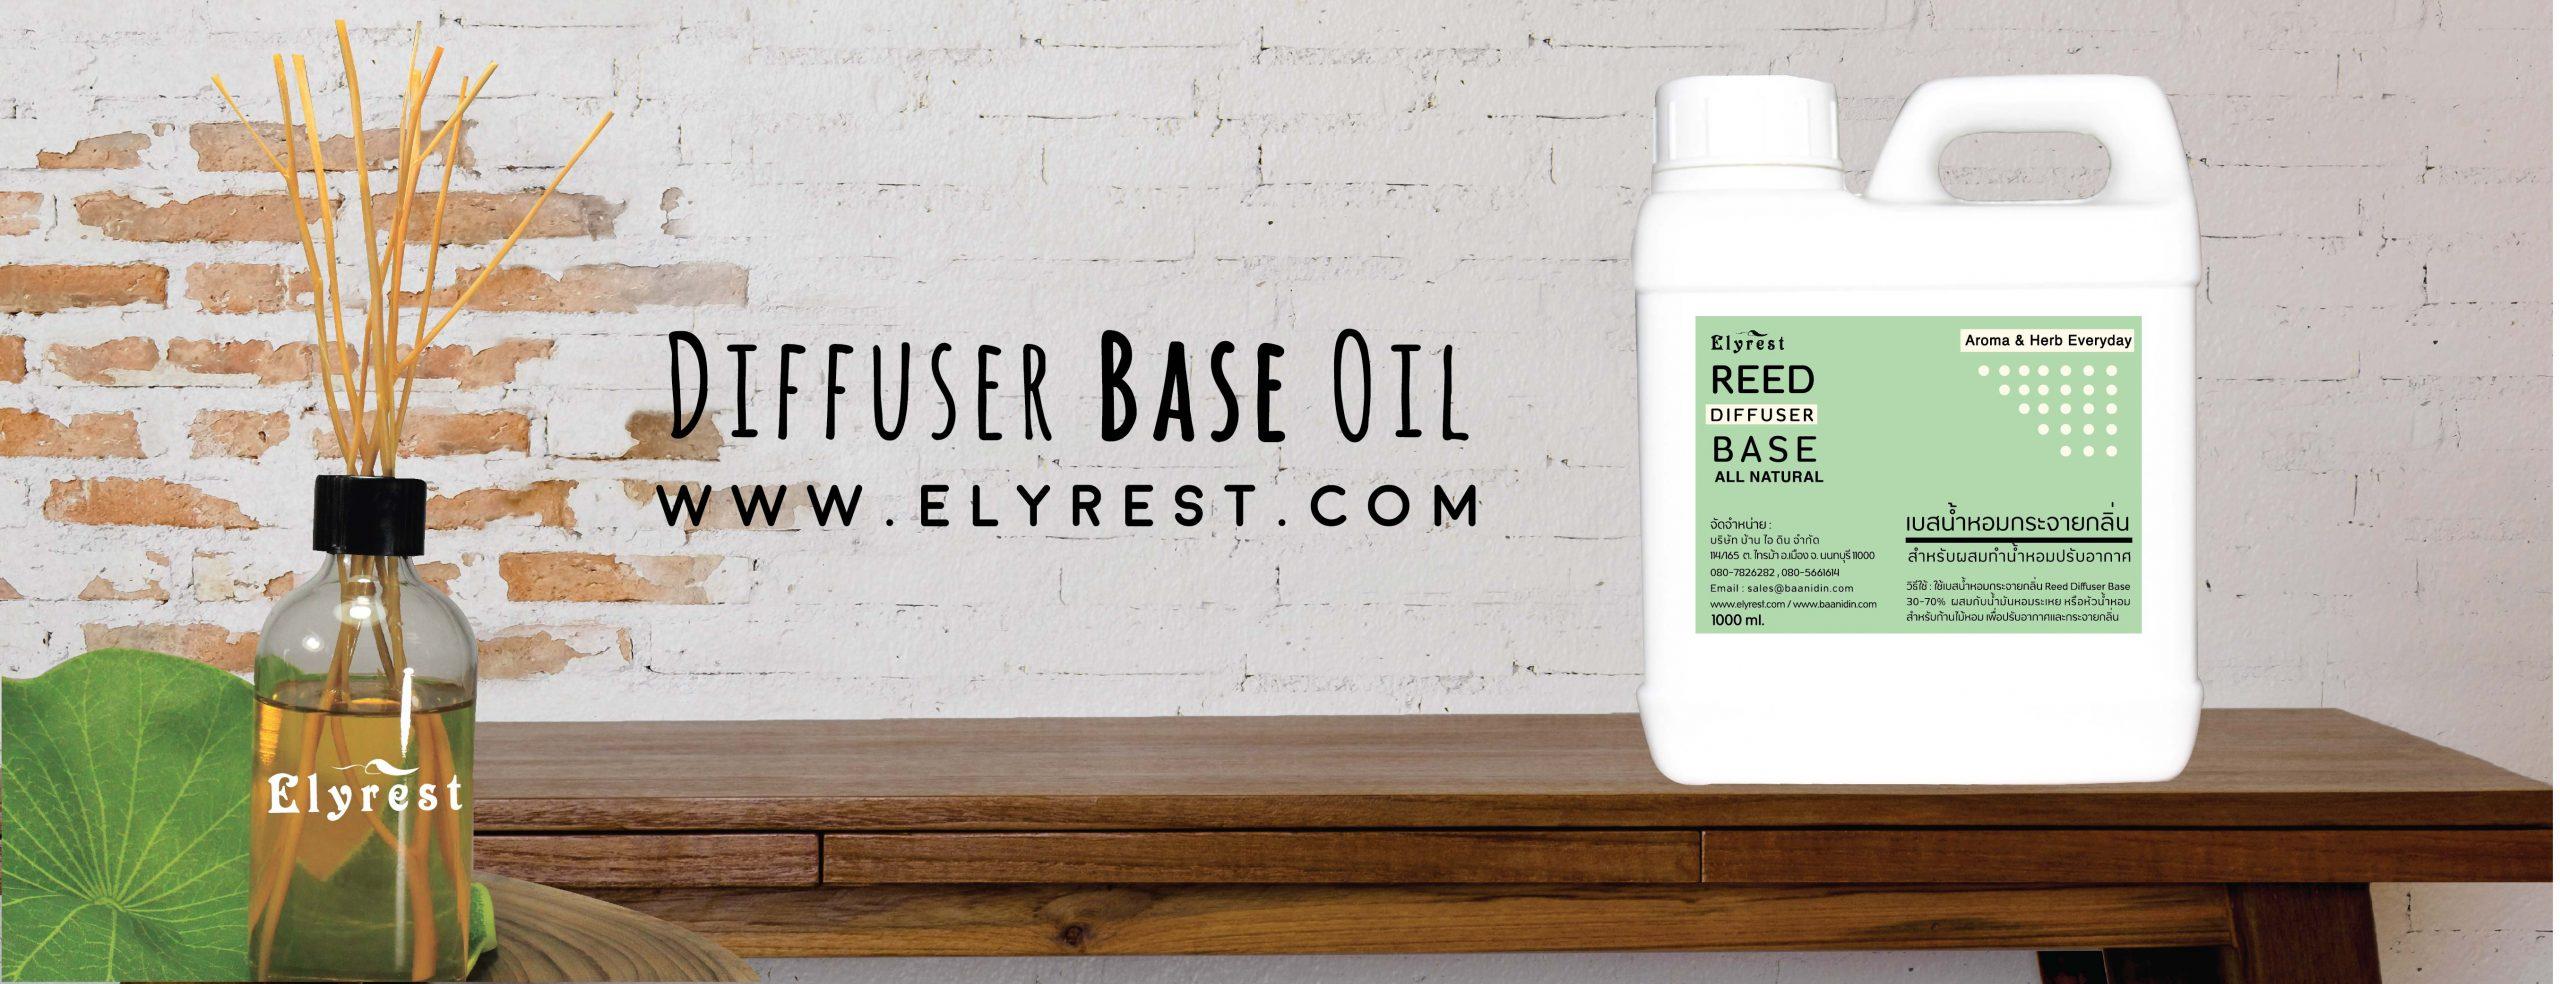 Diffuser Base Oil